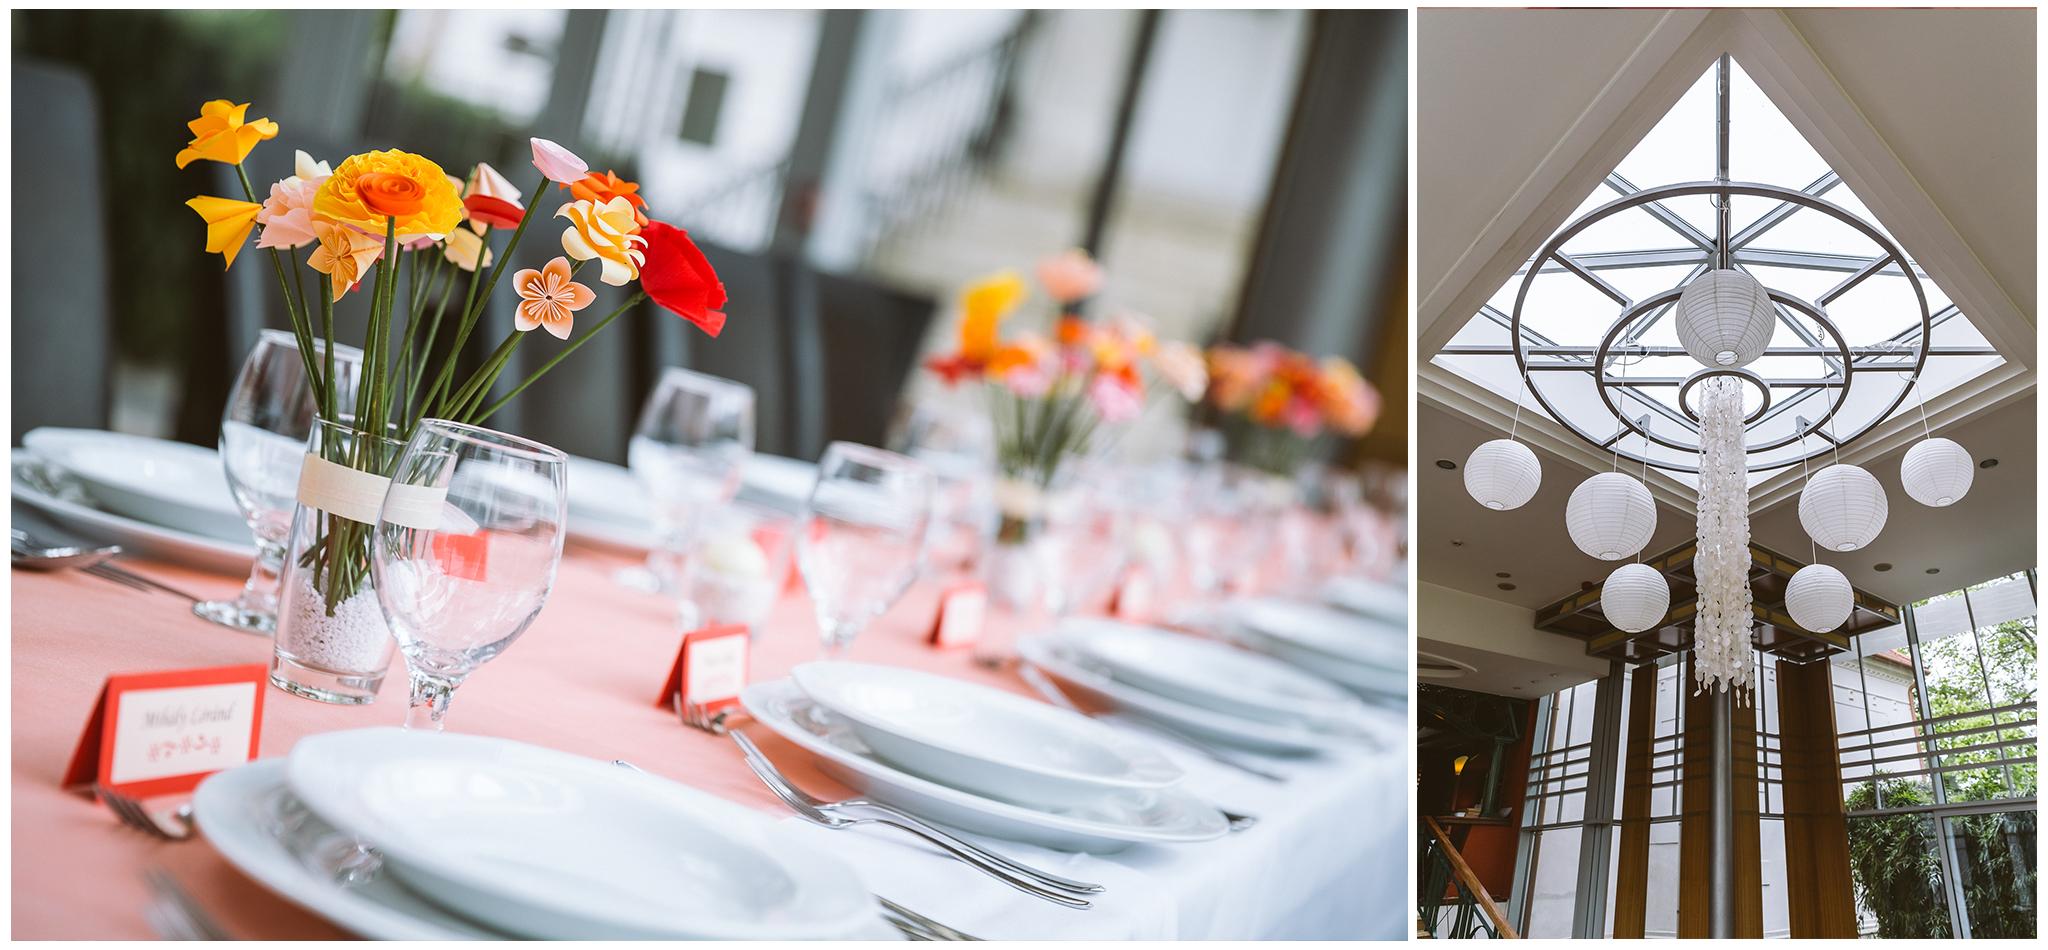 FylepPhoto, esküvőfotós, esküvői fotós Körmend, Szombathely, esküvőfotózás, magyarország, vas megye, prémium, jegyesfotózás, Fülöp Péter, körmend, kreatív, fotográfus_029.jpg